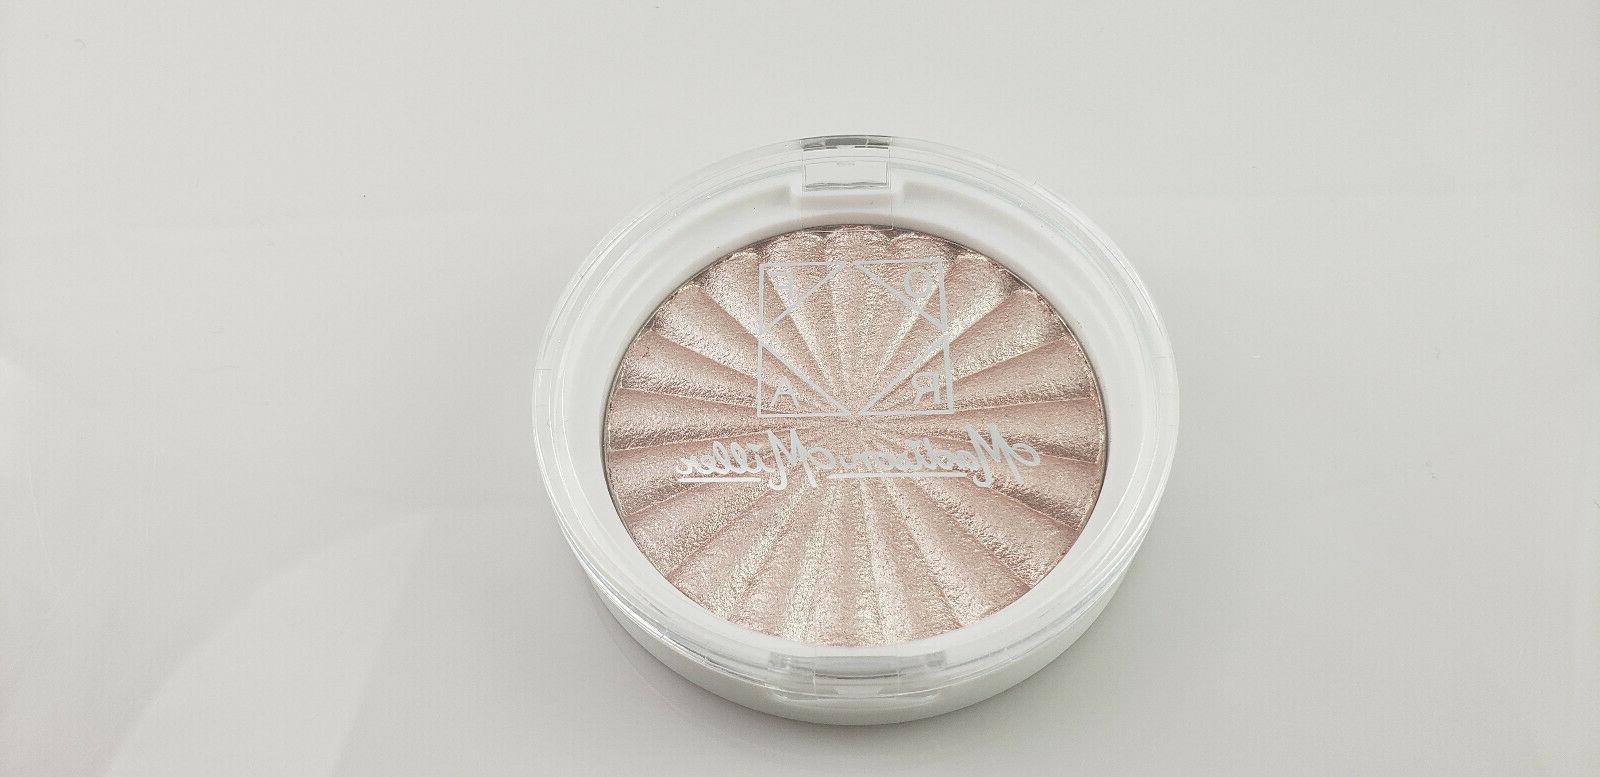 cosmetics madison miller highlighter sea shimmer 10g